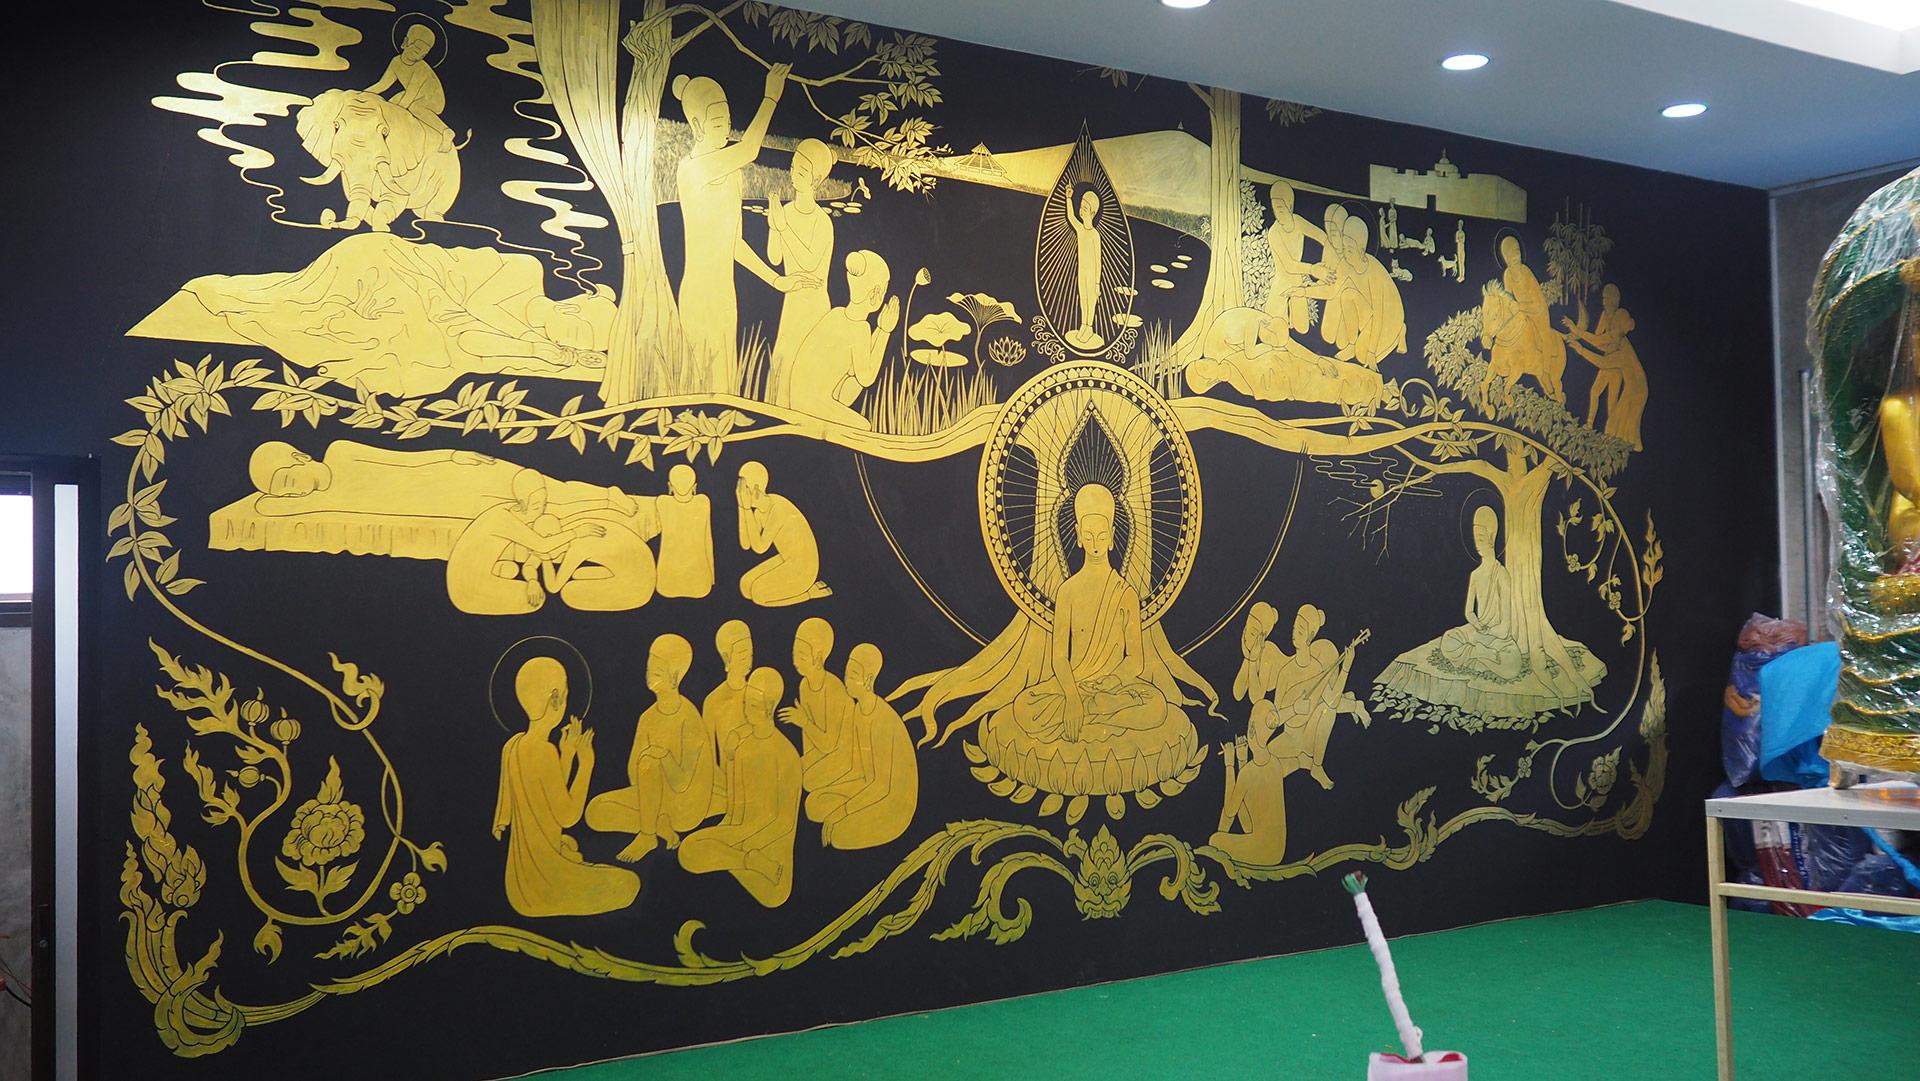 팔상도 八相圖  /  Life of buddha   Op.0184PW - 600 x 250 cm, 벽에 아크릴 채색 / Acrylic on wall, 2017 Location: โรงเรียนดอยสะเก็ดผดุงศาสน์ Choeng Doi, Doi Saket District, Chiang Mai, Thailand